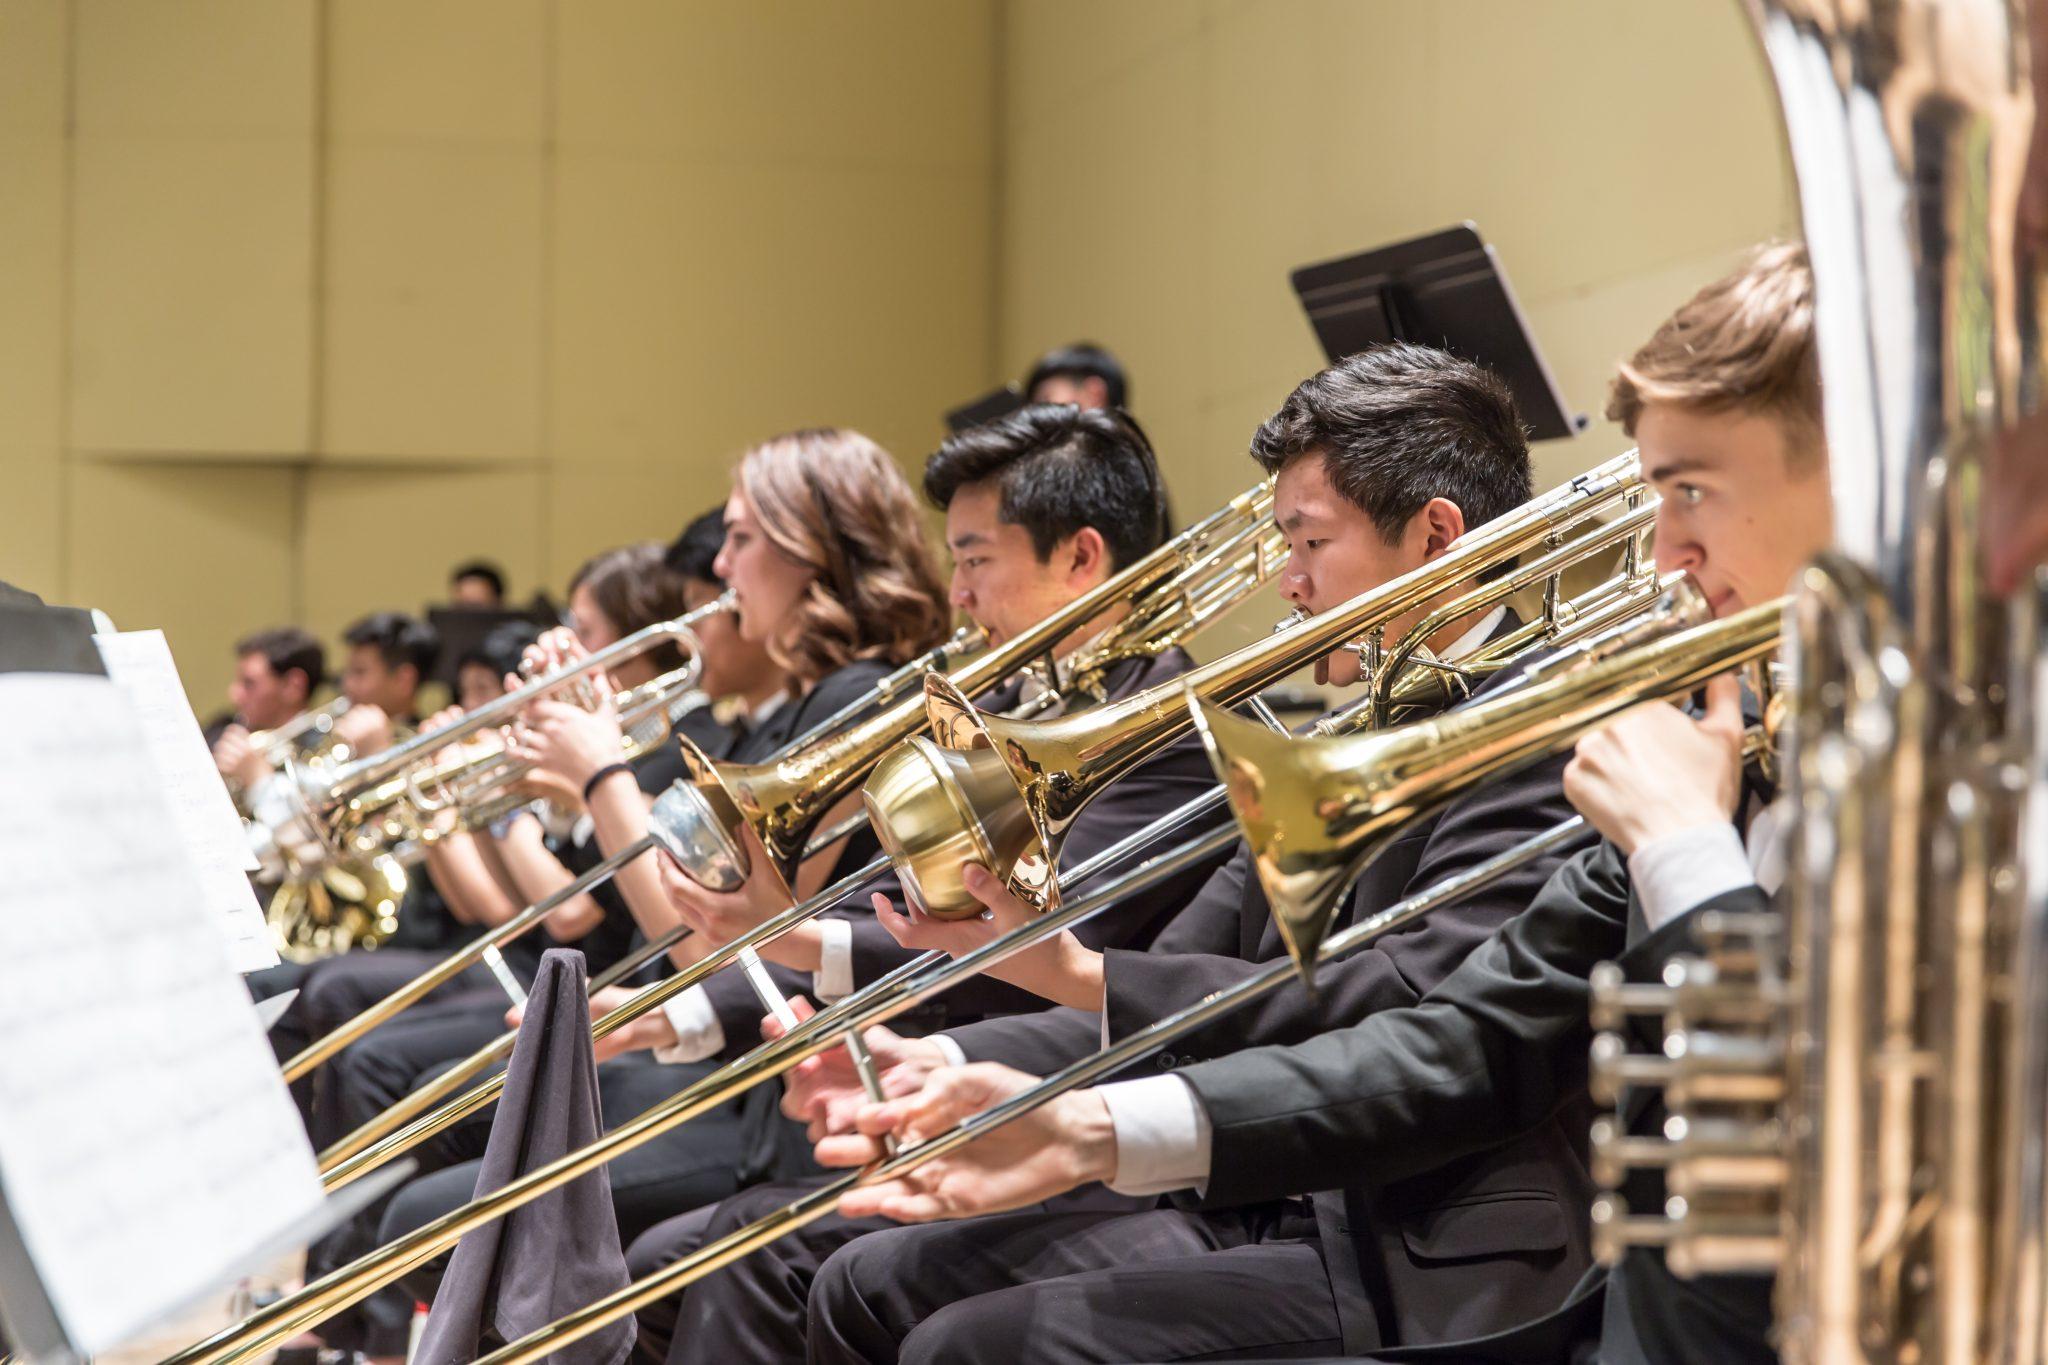 Symphony brass section